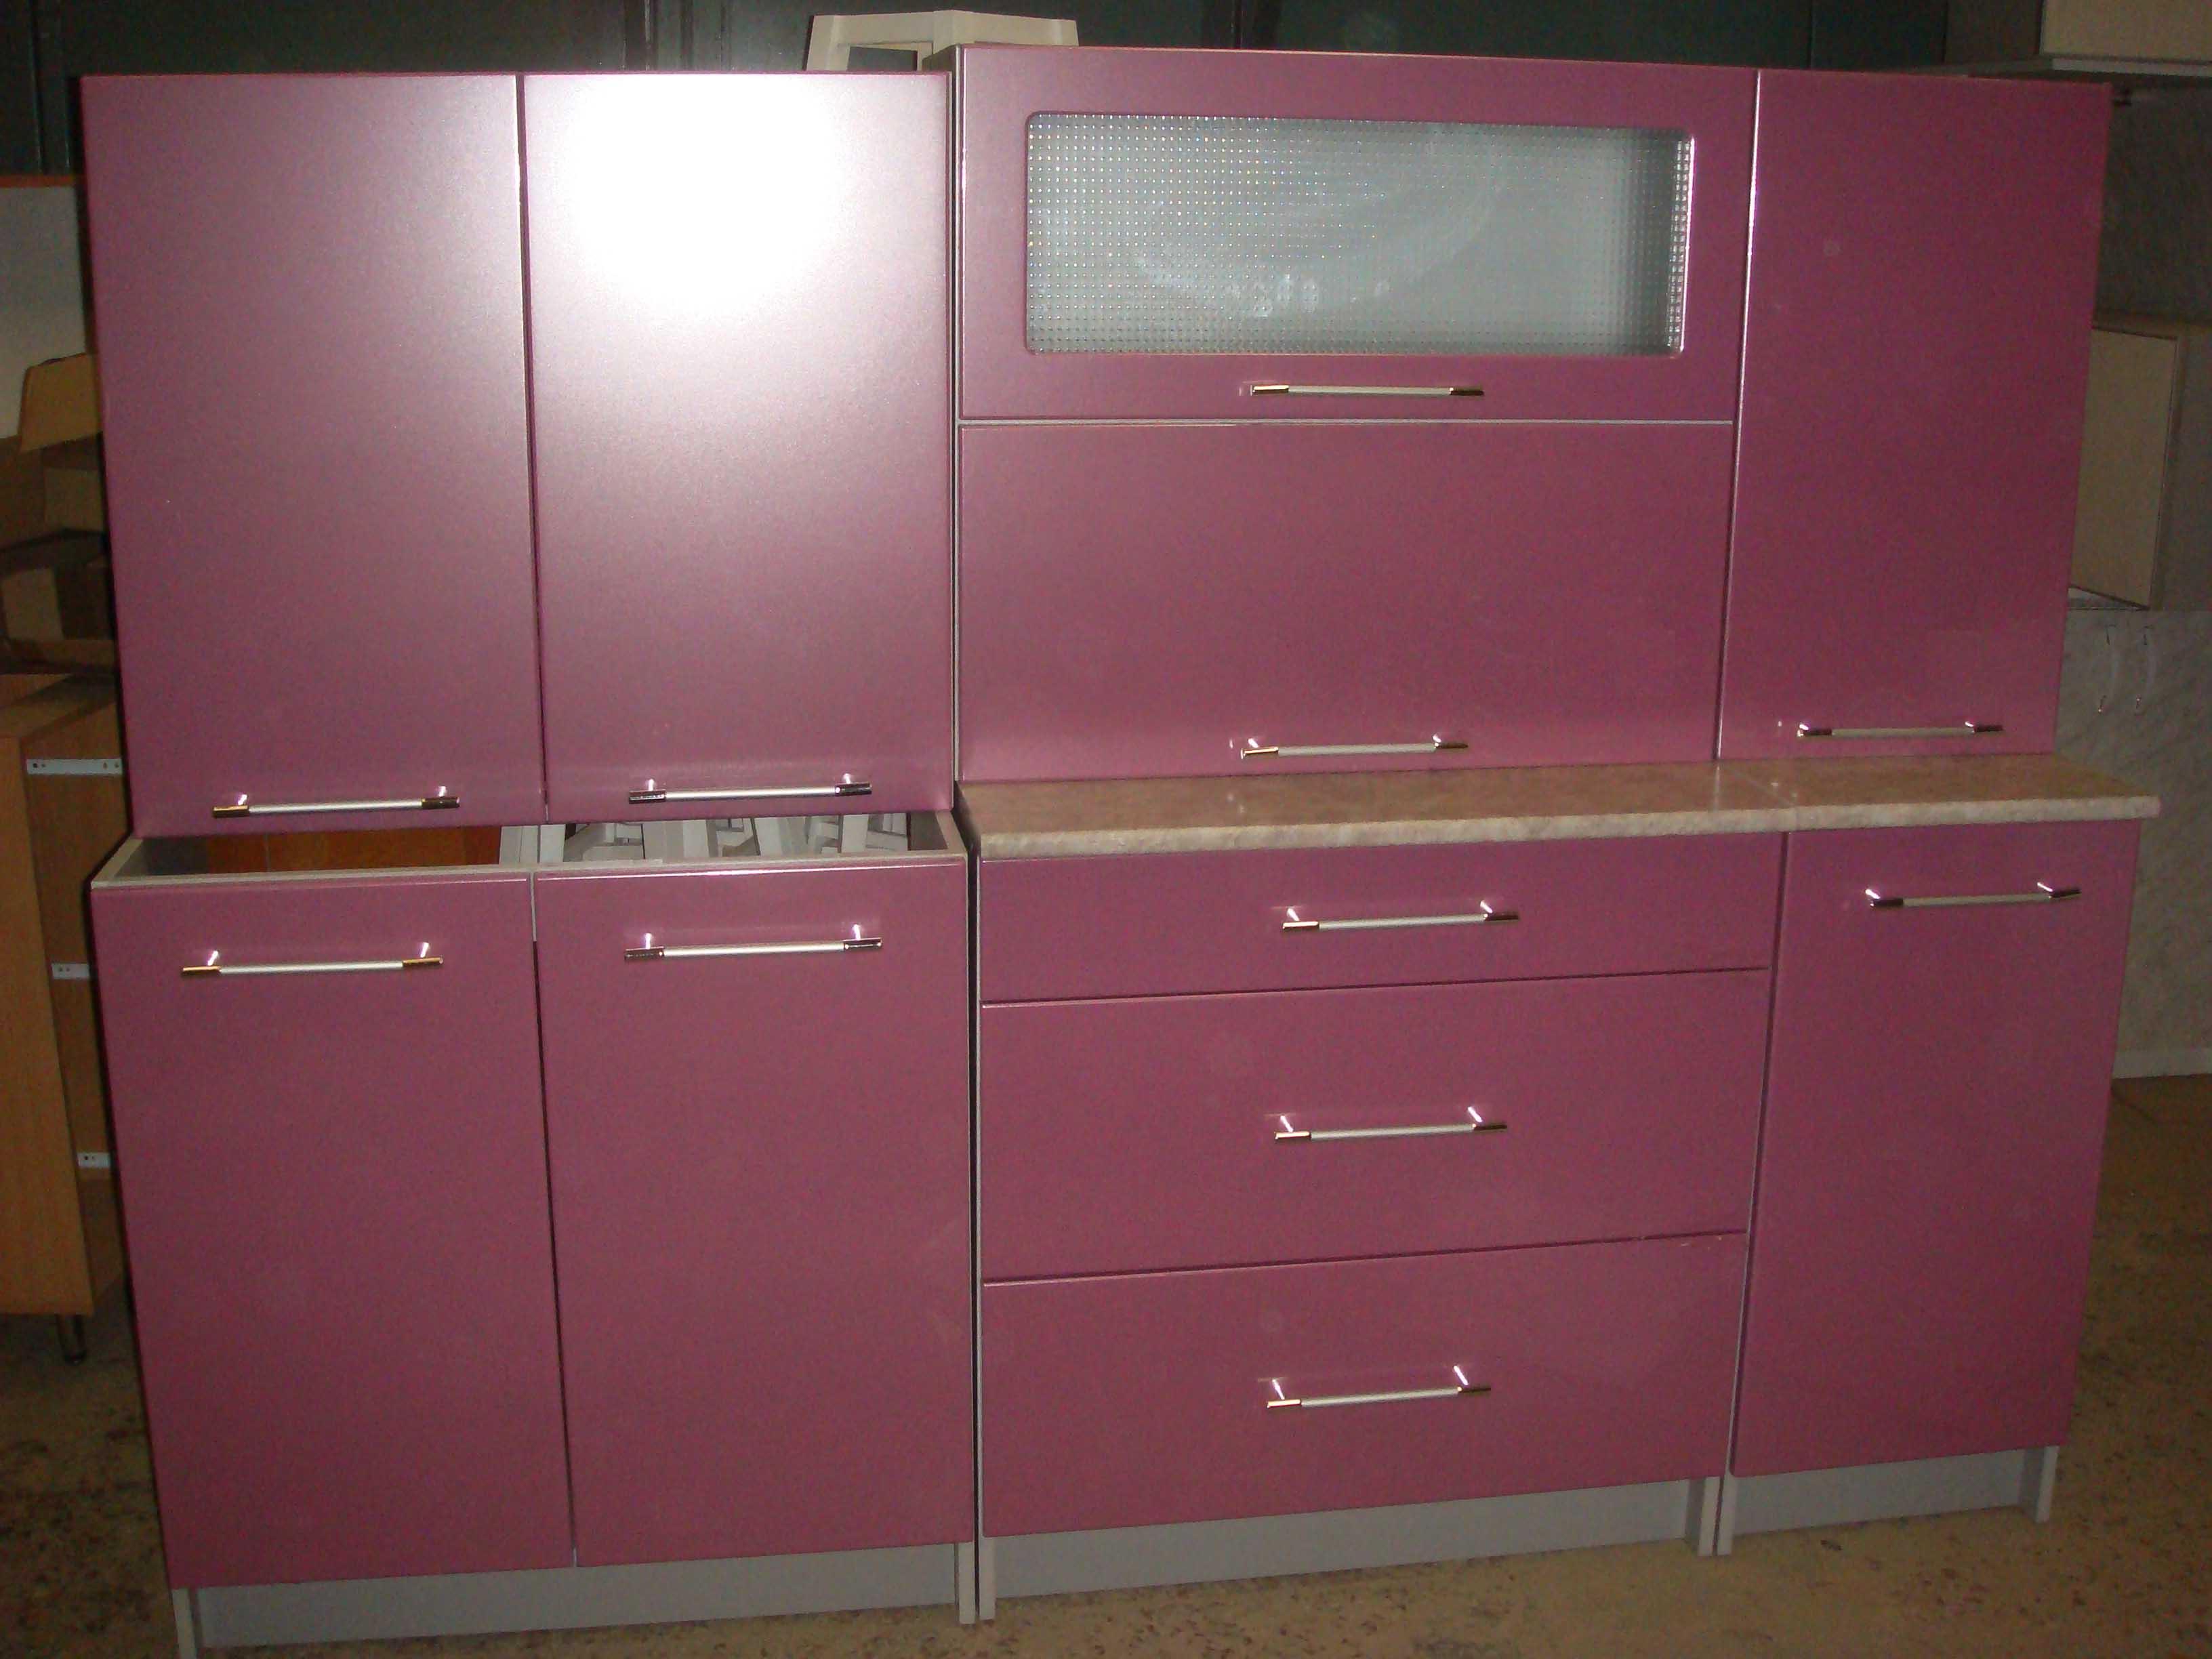 мебель для спальни с угловым шкафом и навесными шкафами